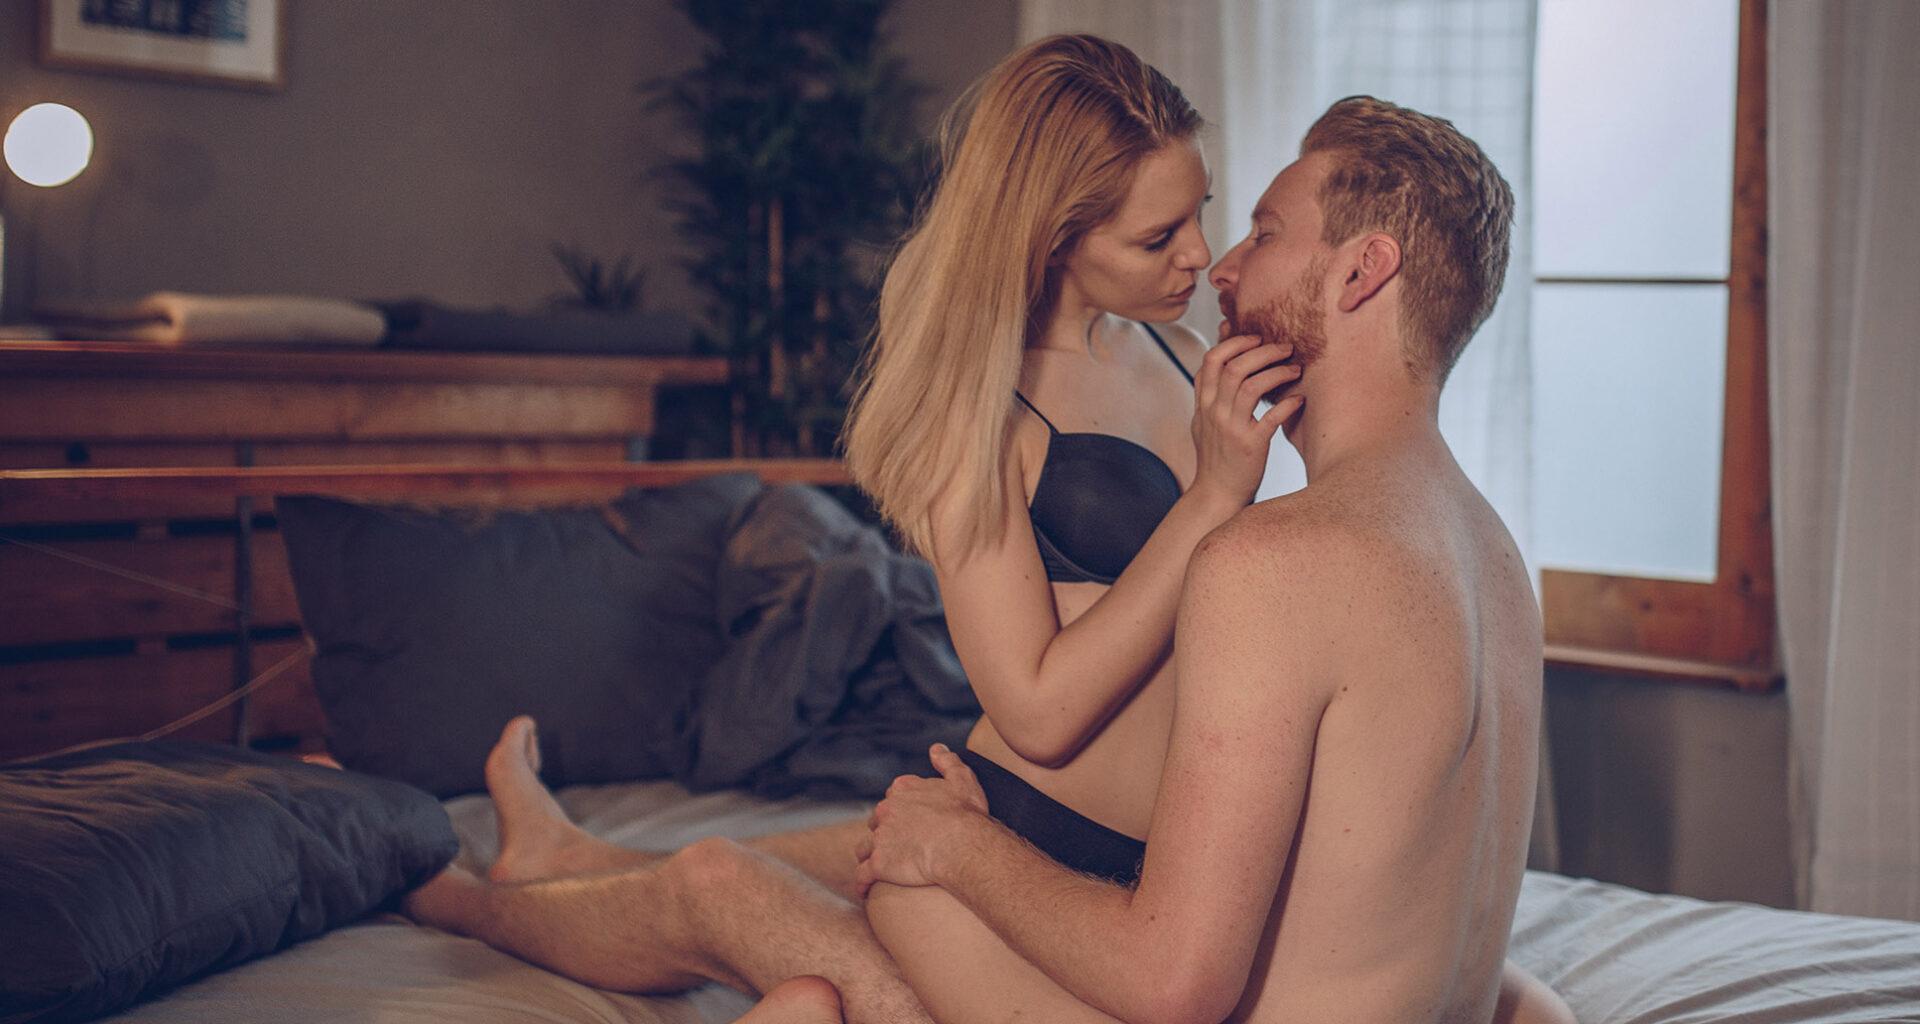 Neue Höhepunkte mit der Prostatamassage beim Mann